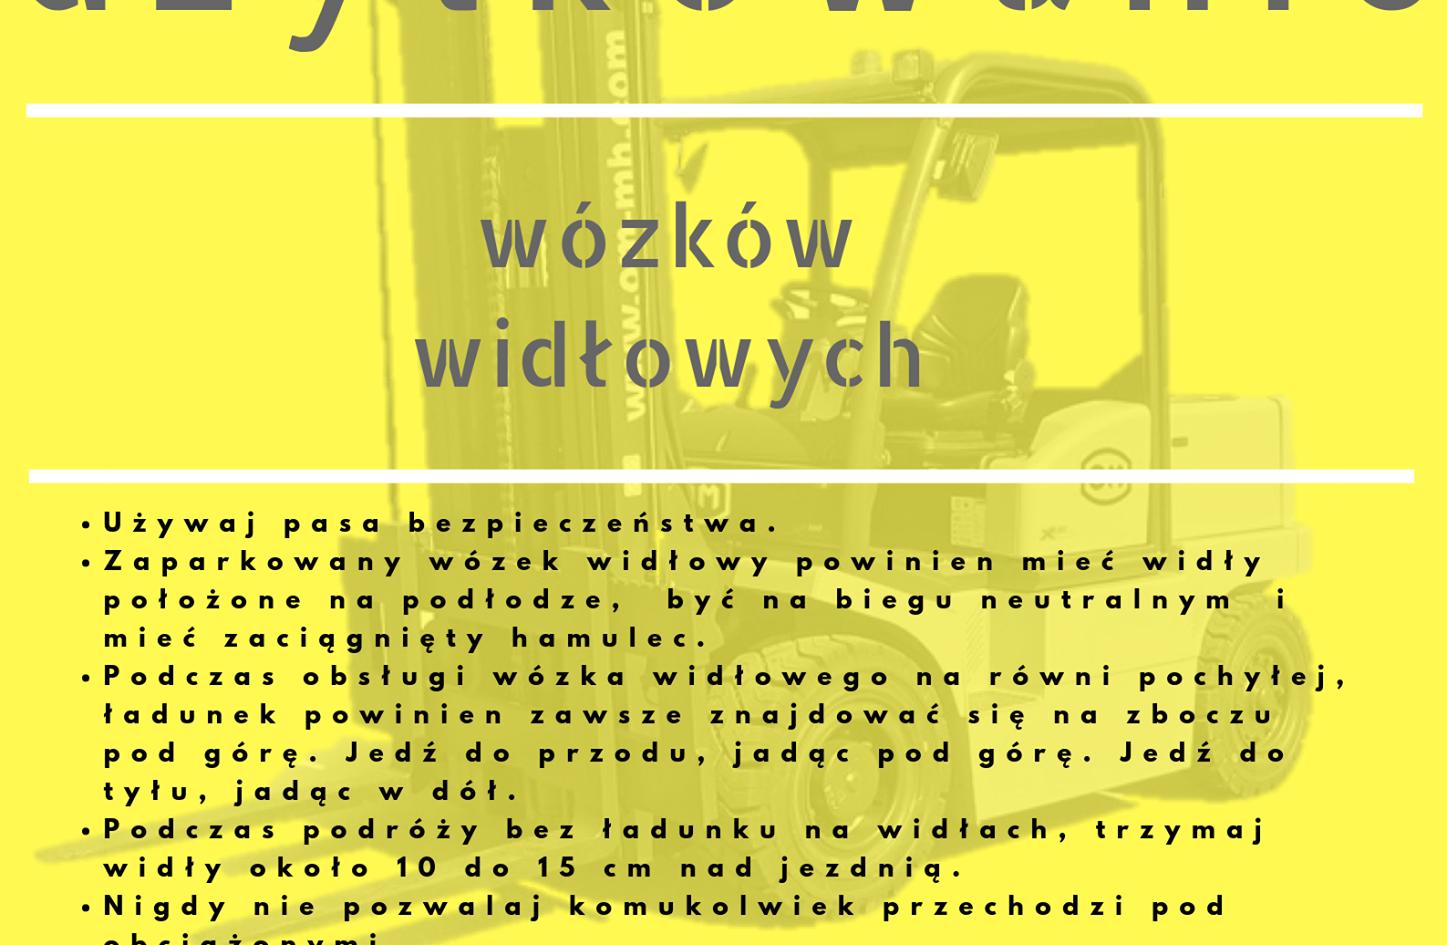 wozki.png